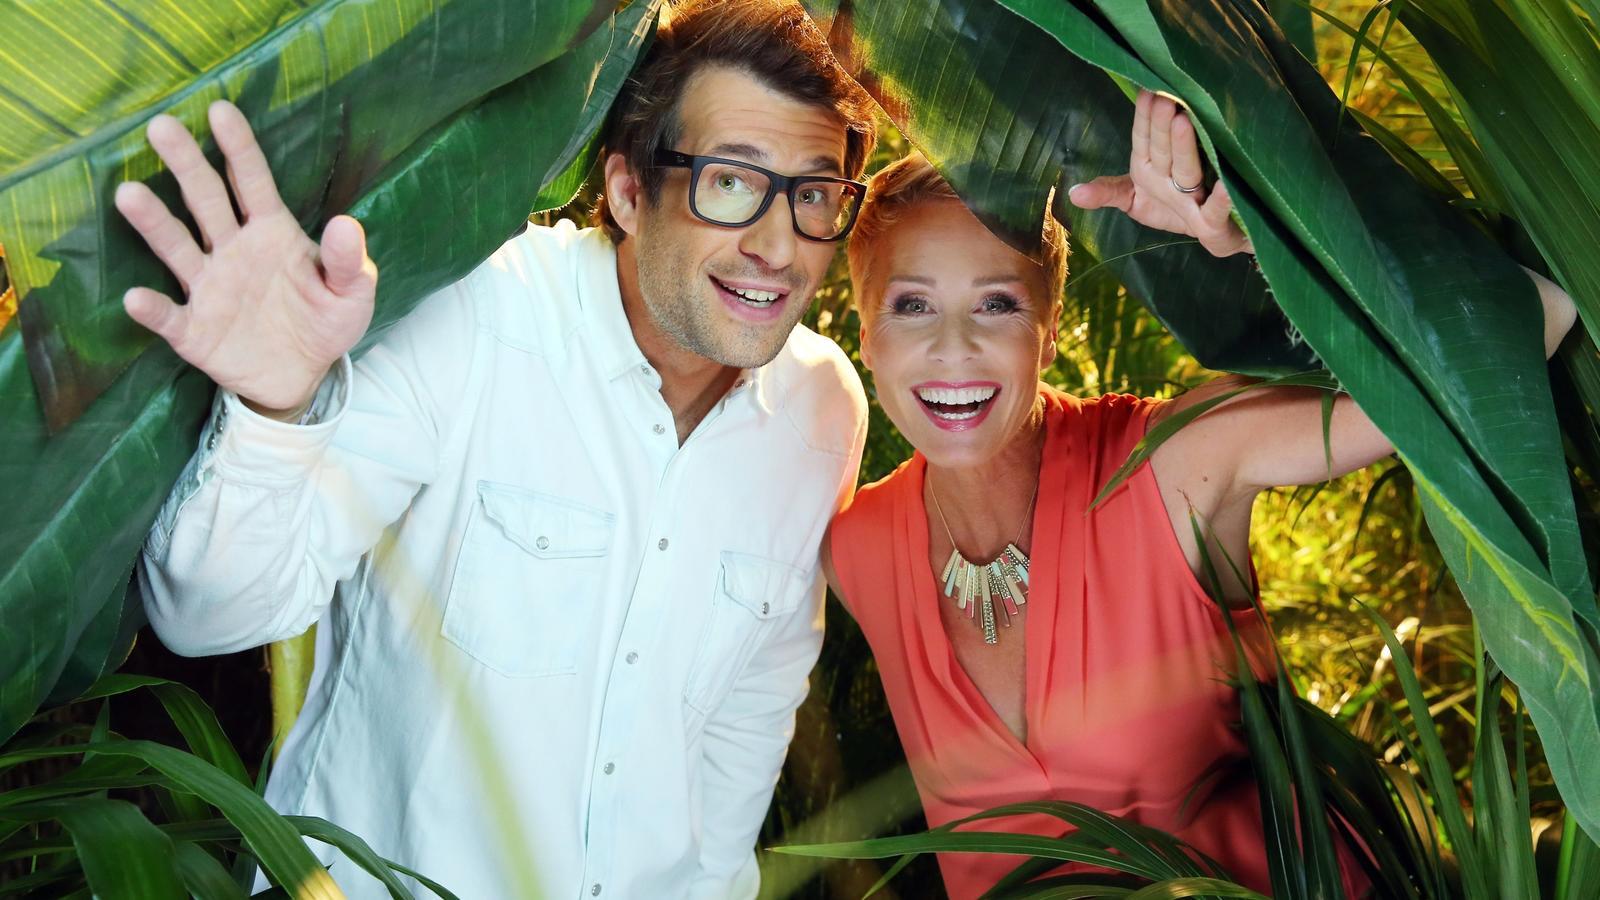 """Das Moderatorenduo Daniel Hartwich und Sonja Zietlow präsentiert ab dem 13. Januar 2017 die neue Staffel von """"Ich bin ein Star - Holt mich hier raus!"""""""